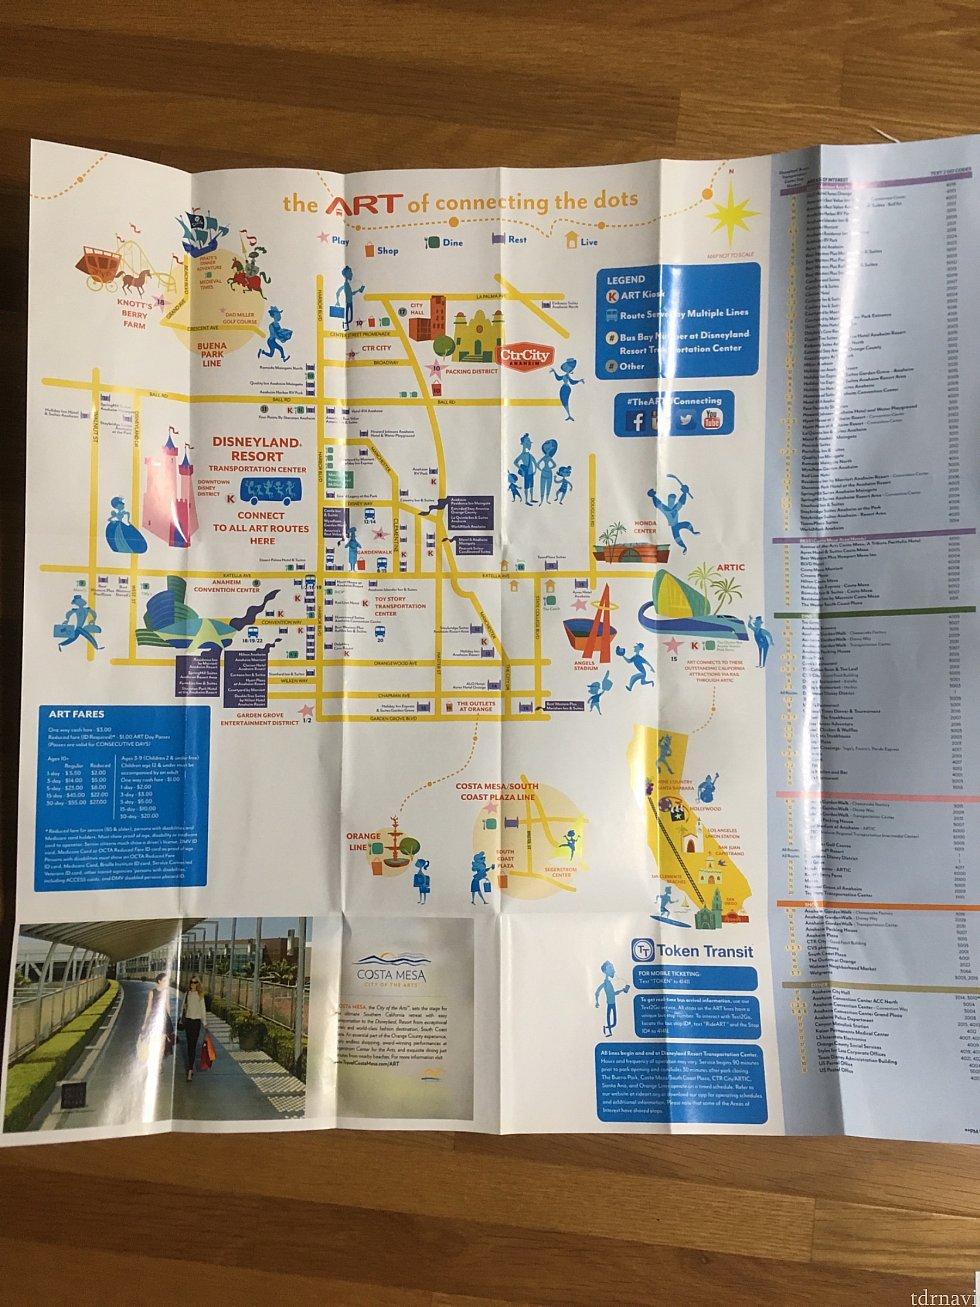 パンフレットのルートマップです